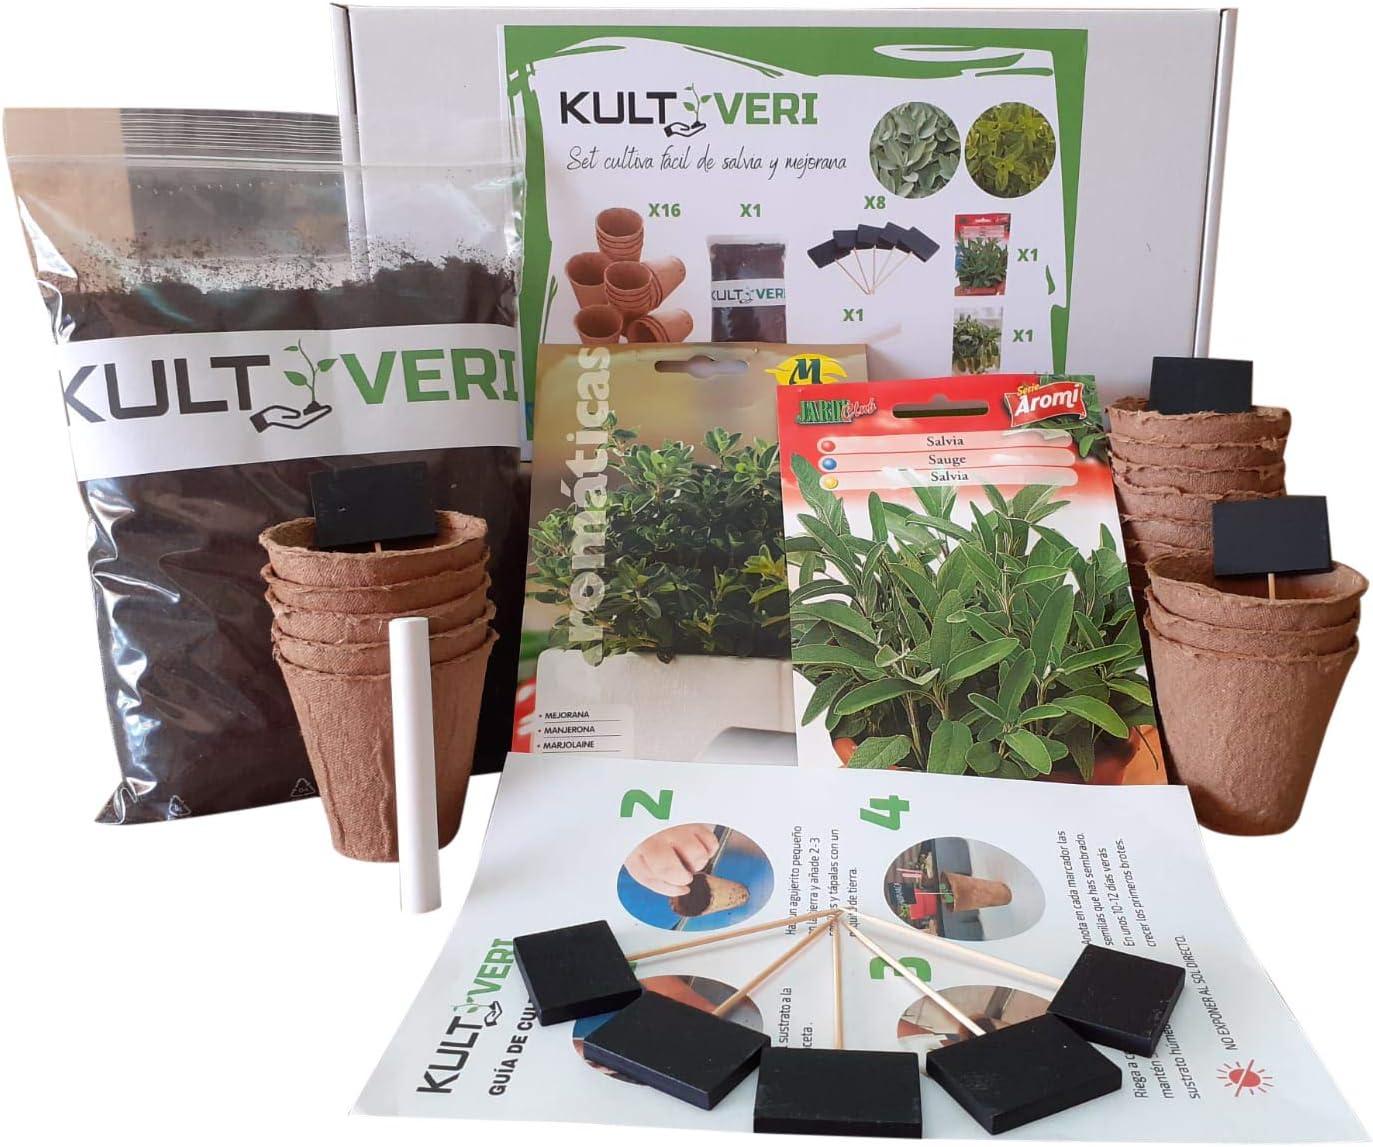 KULTIVERI Set de Cultivo de Salvia y Mejorana: Macetas de Germinación Biodegradables. CREA tu Propio Huerto en Casa.